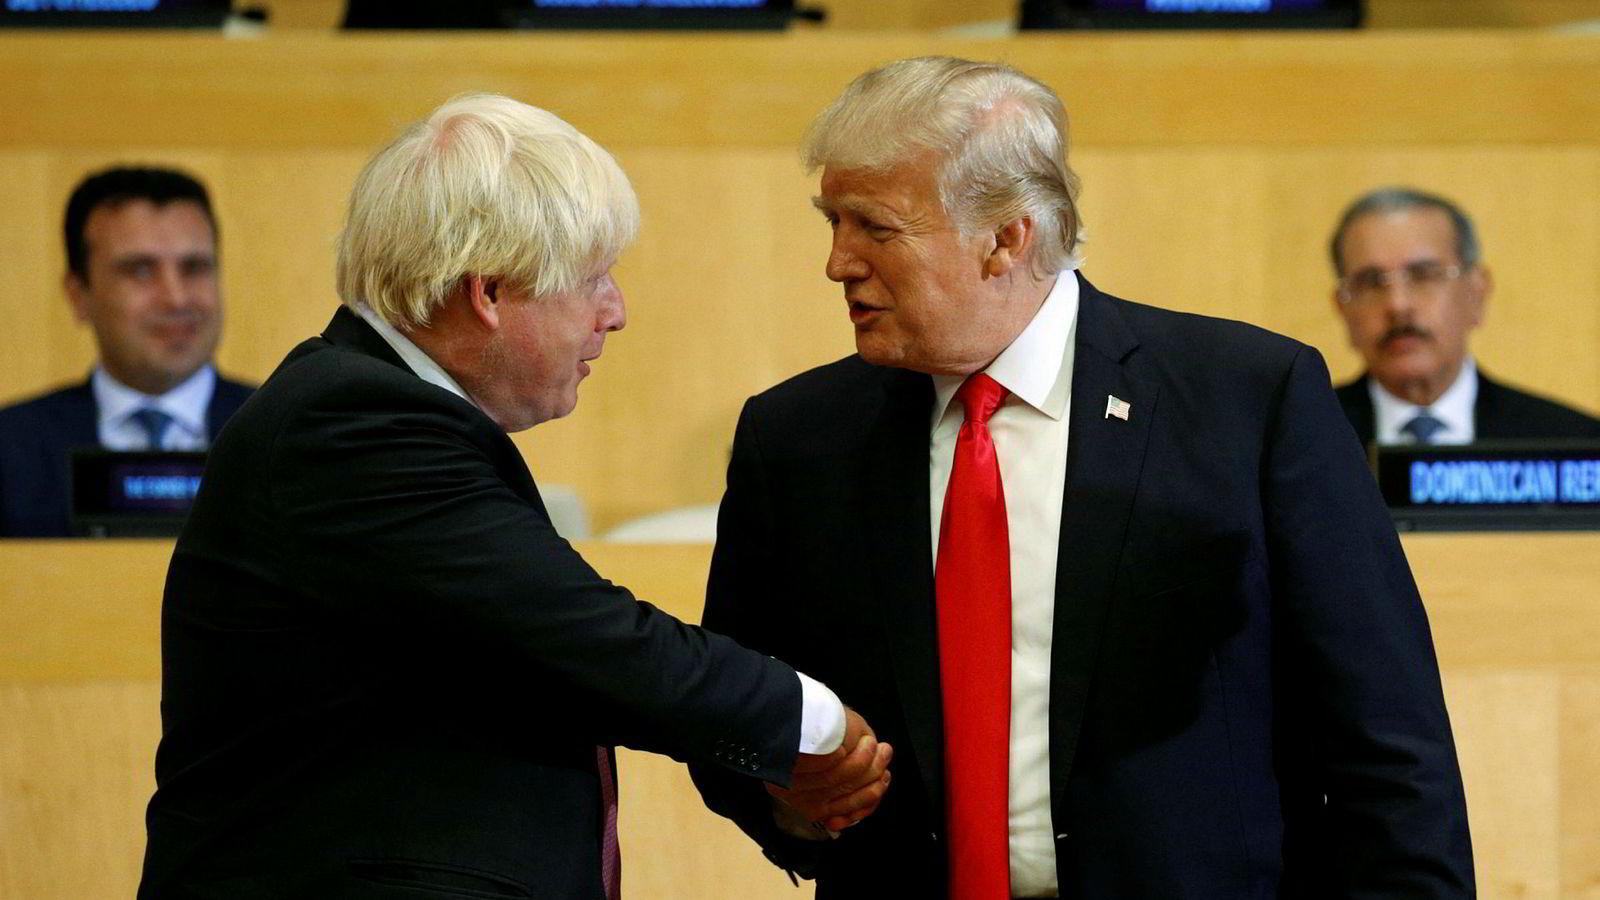 Denne uken har skjellsordene haglet, med anklager om at Boris Johnson kommer til å ende som «Trumps puddel» eller «guvernør i den 51. amerikanske staten». Det er overdrevet, men ikke tatt helt ut av løse luften.